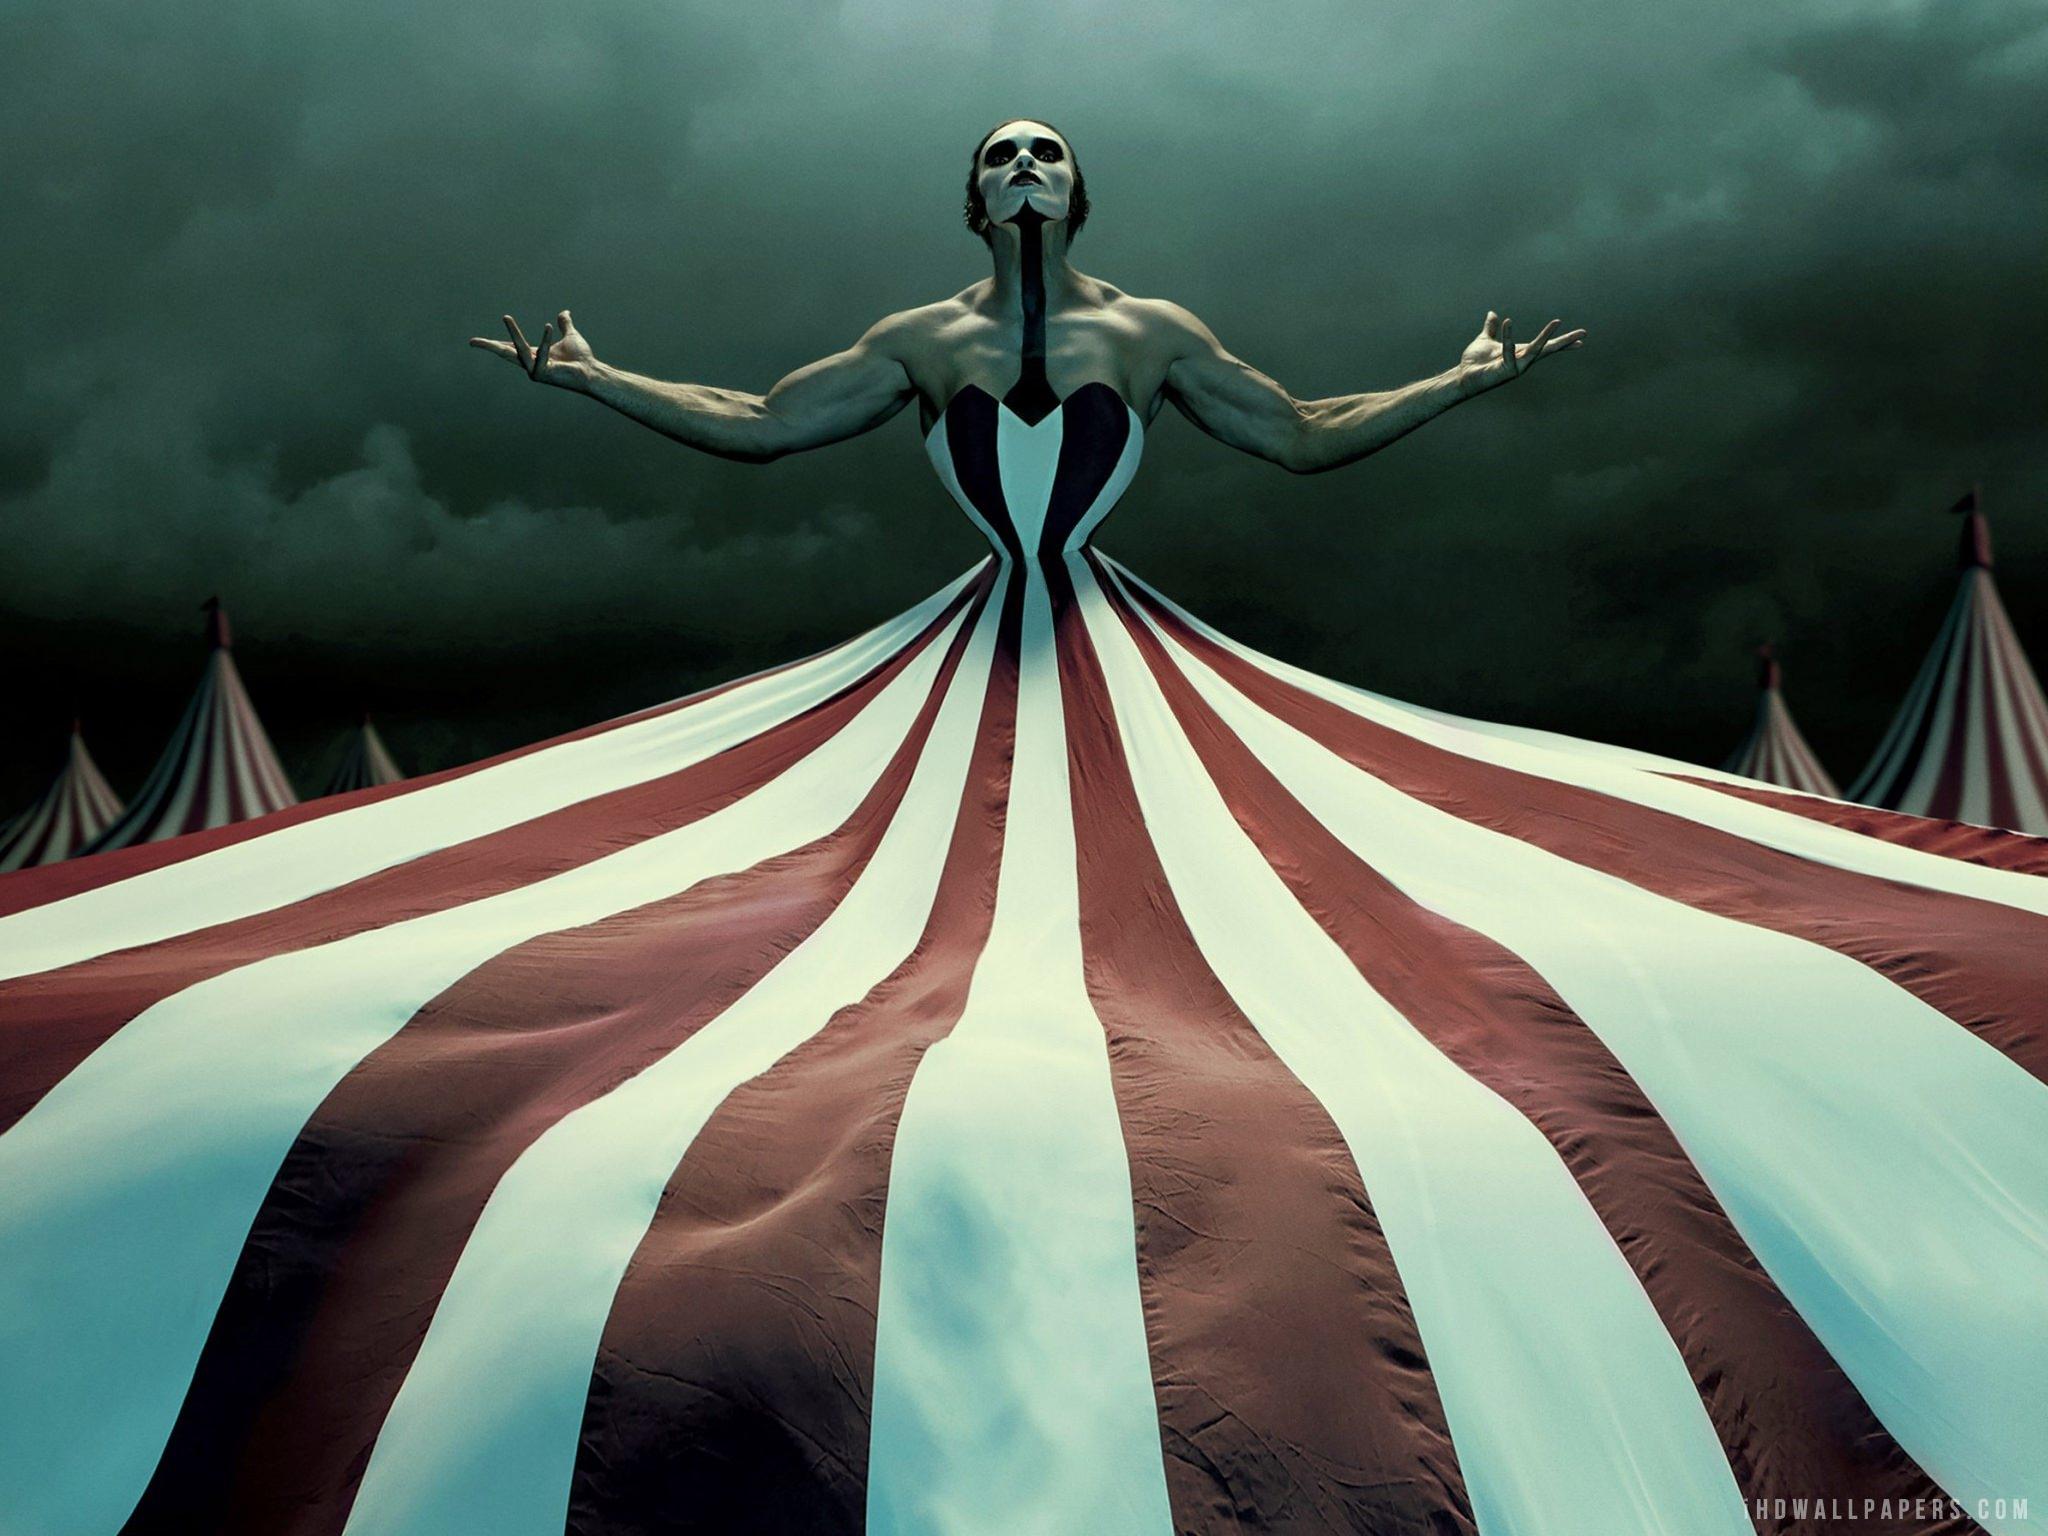 American Horror Story Hd Wallpaper: Freakshow American Horror Story, Full HD 2K Wallpaper